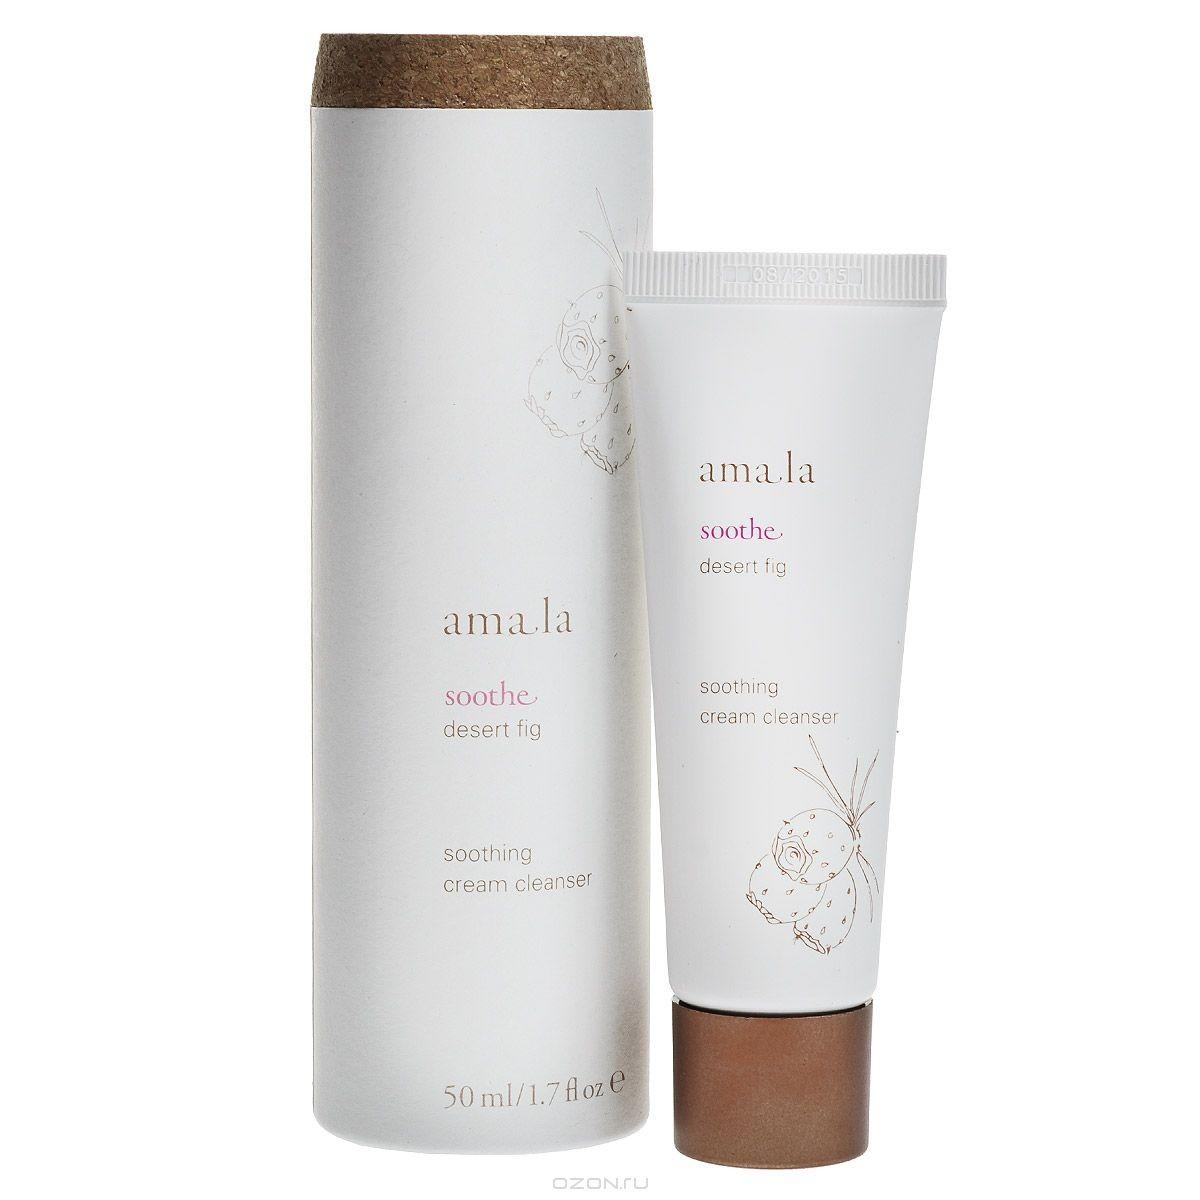 Крем для лица Amala, очищающий, успокаивающий, 50 мл